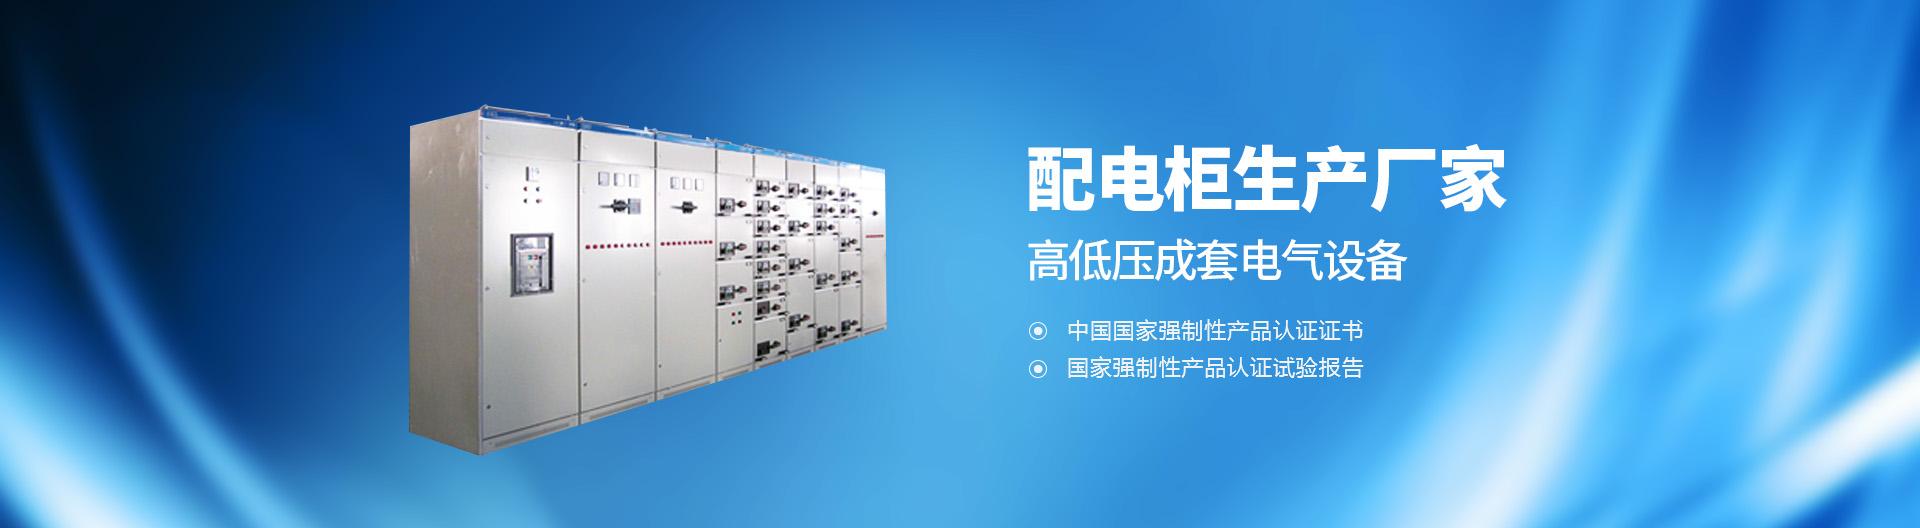 河南问鼎娱乐电气有限公司